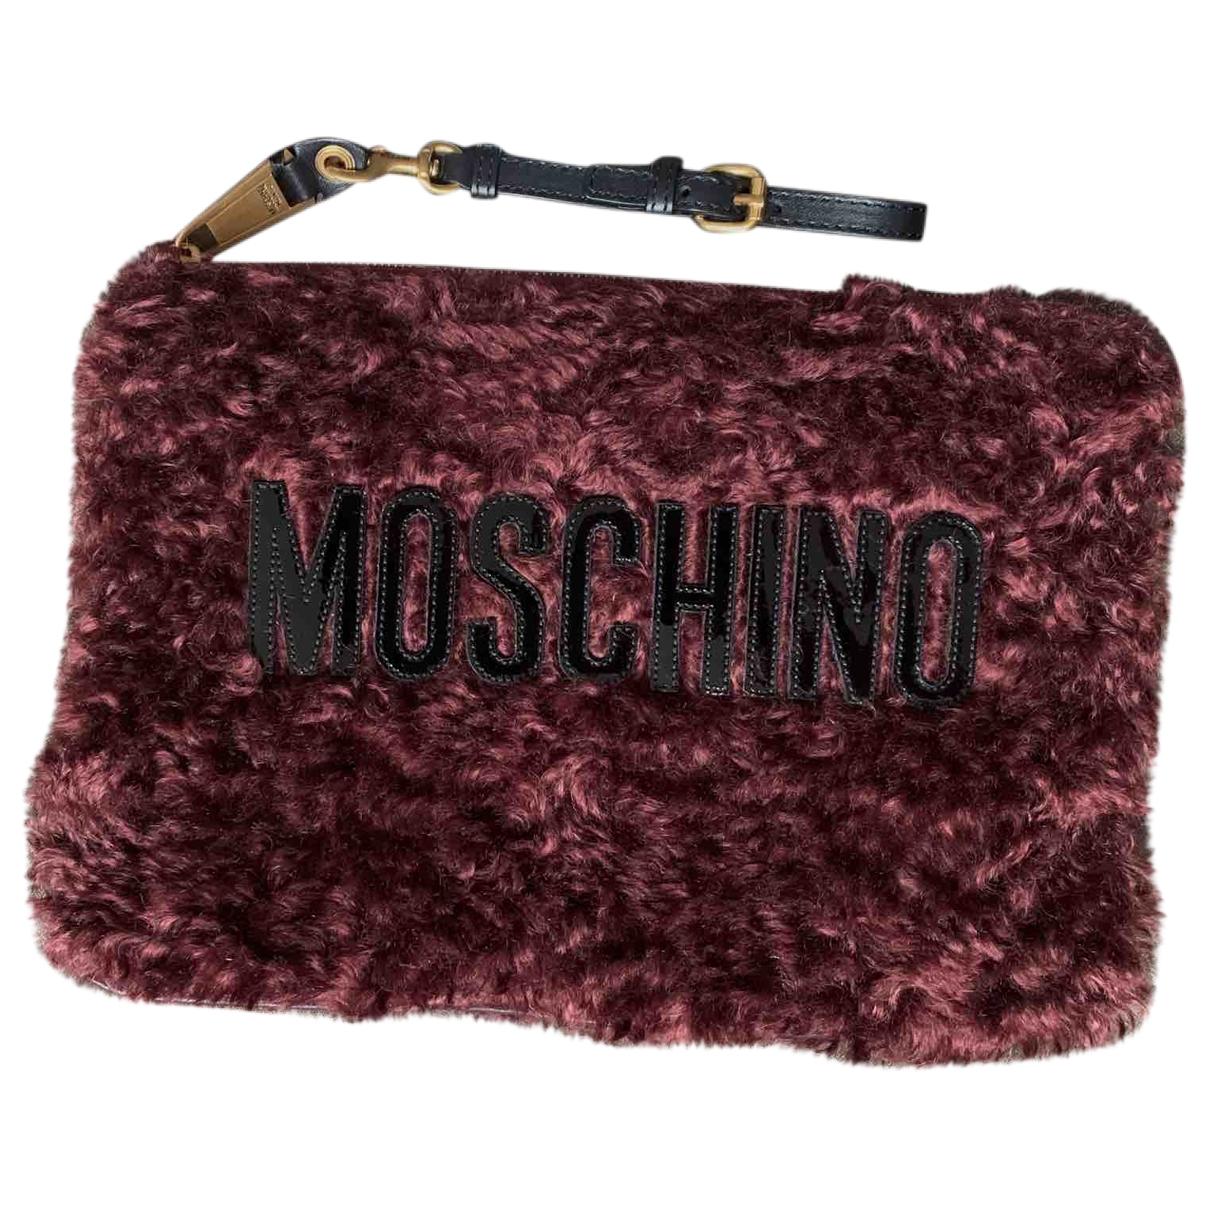 Bolsos clutch en Piel Burdeos Moschino